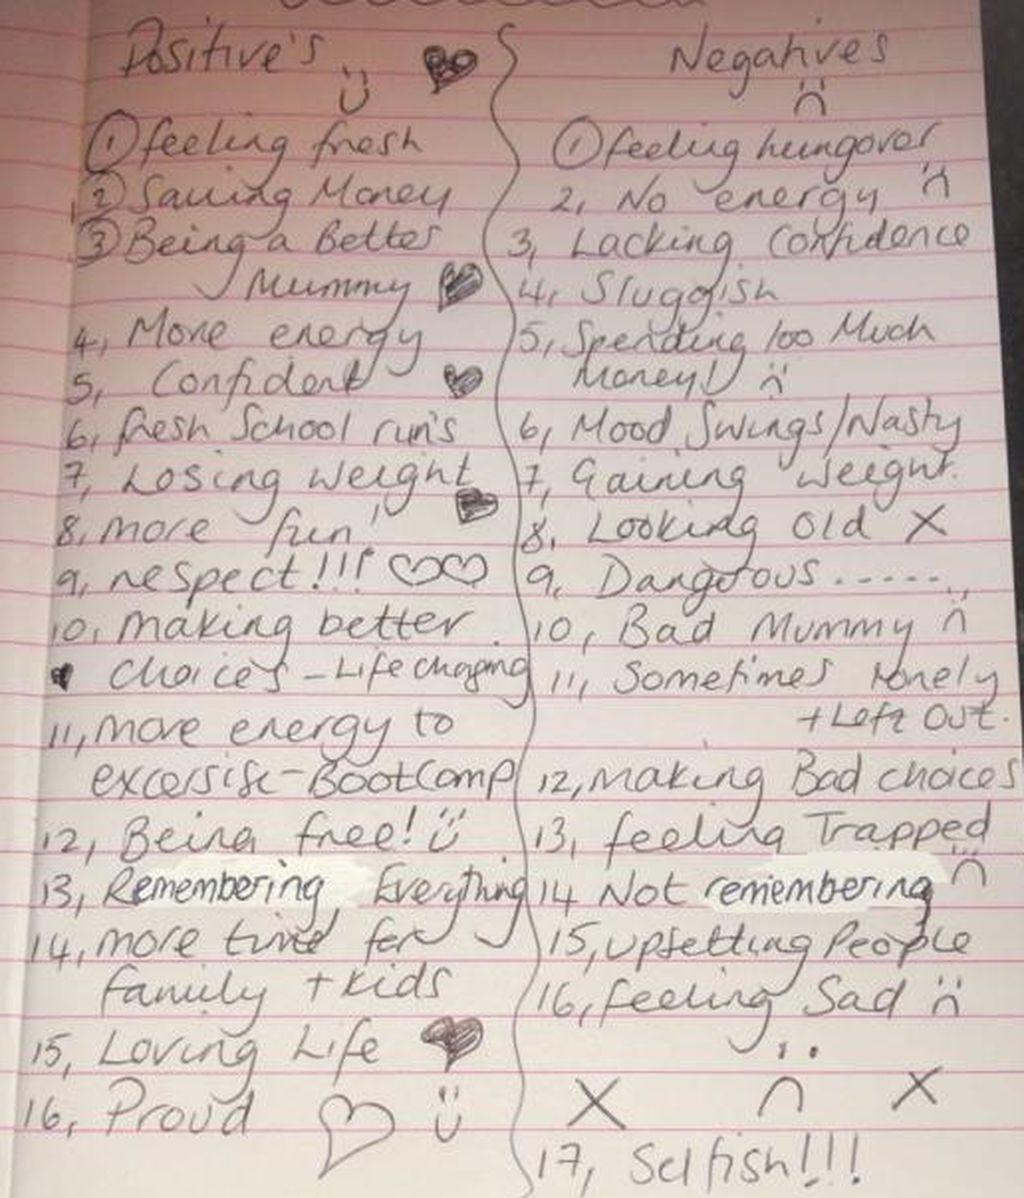 Lista de pros y contras